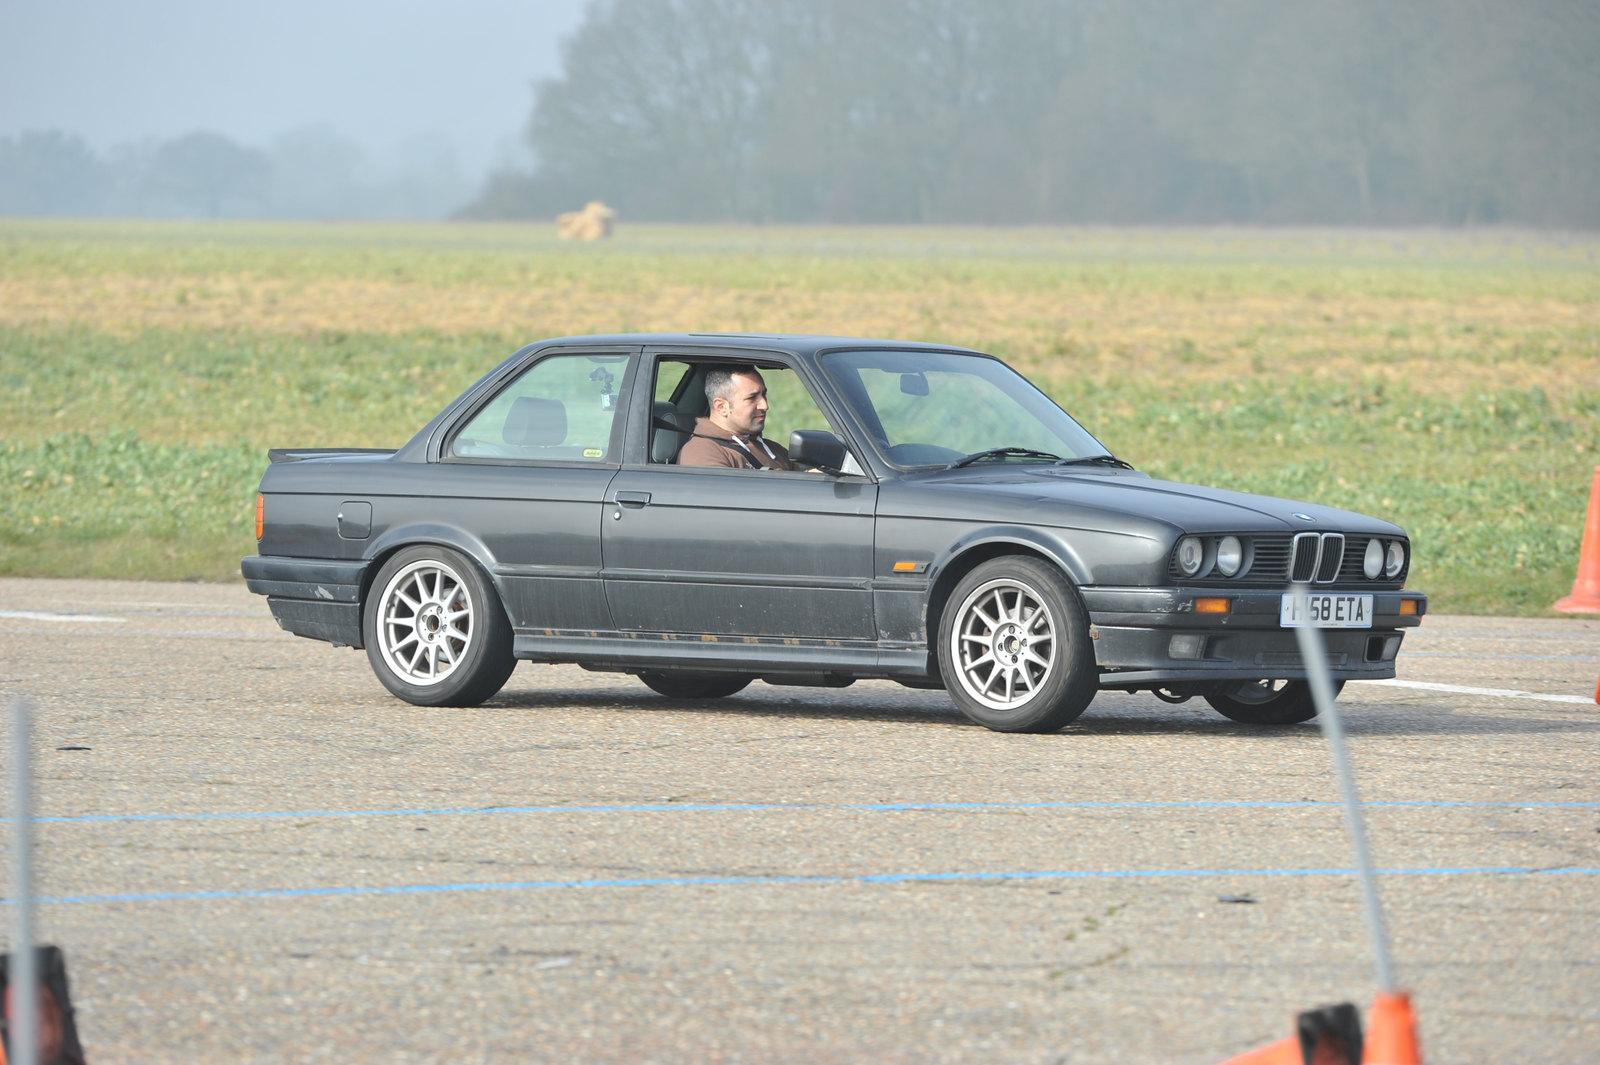 Brakefast Autosolo & Autotest12 Mar 2016